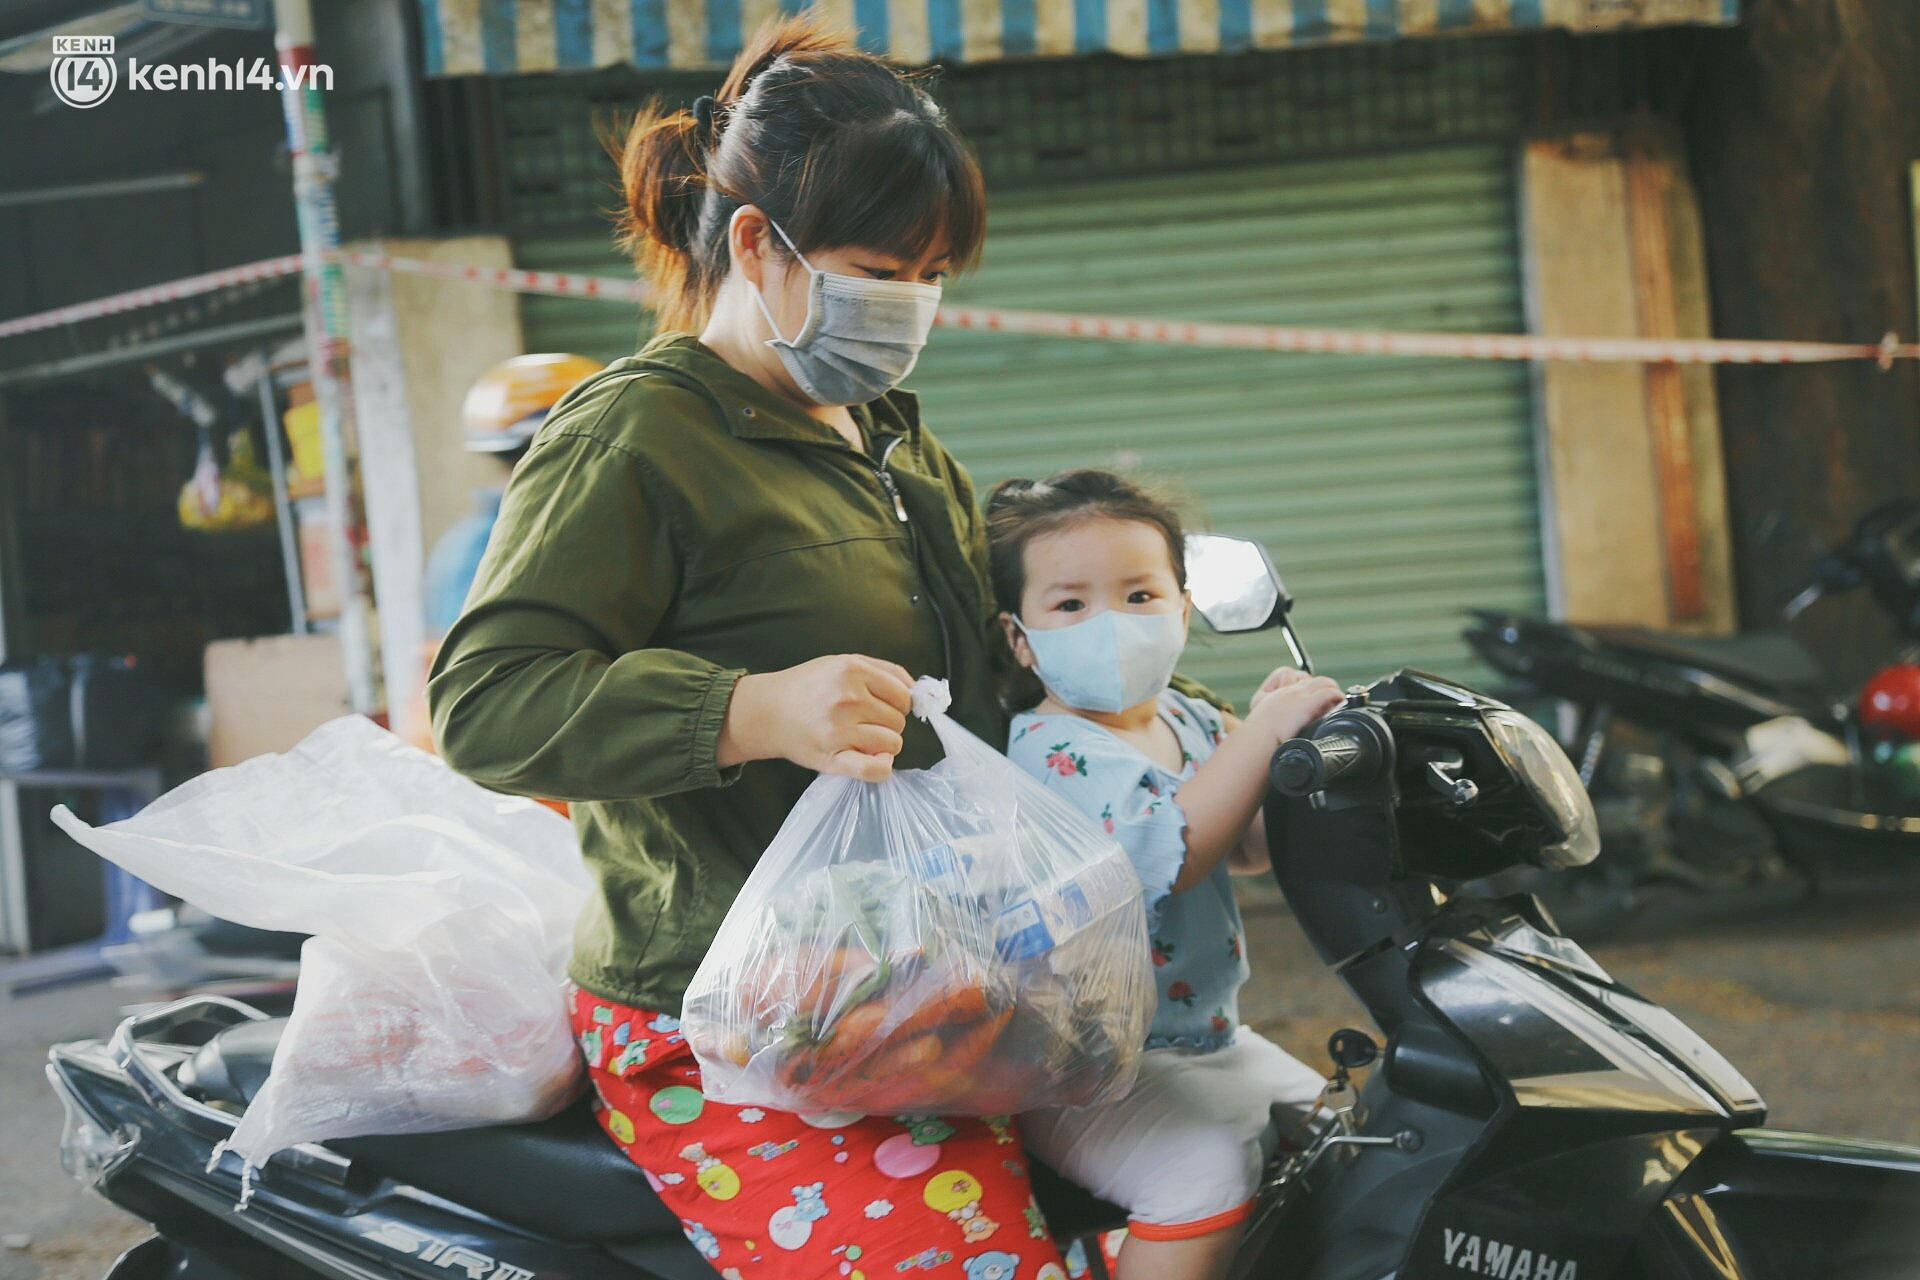 Người dân khó khăn ở Sài Gòn gọi điện, nhóm bạn trẻ liền đi từng ngõ, gõ cửa từng nhà để tặng rau củ, sữa tươi - Ảnh 11.